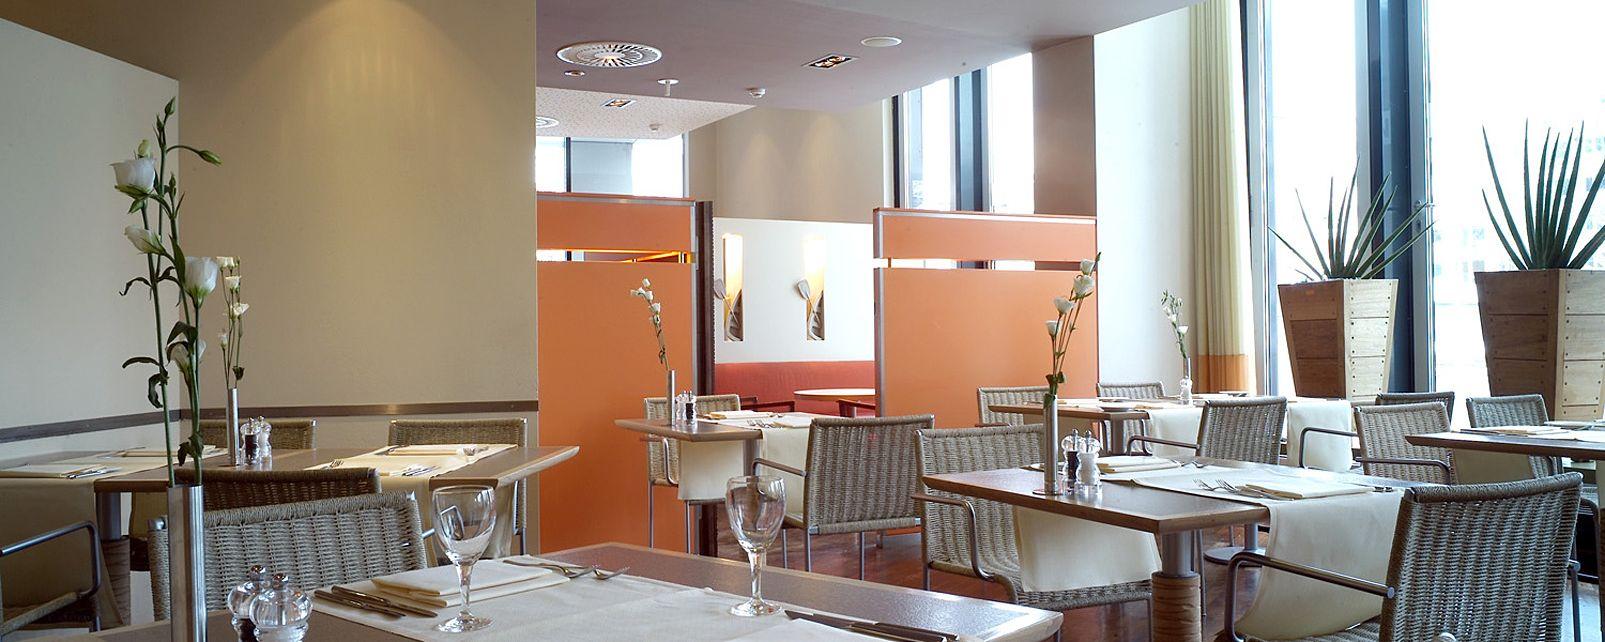 Hotel Novotel Berlin Mitte